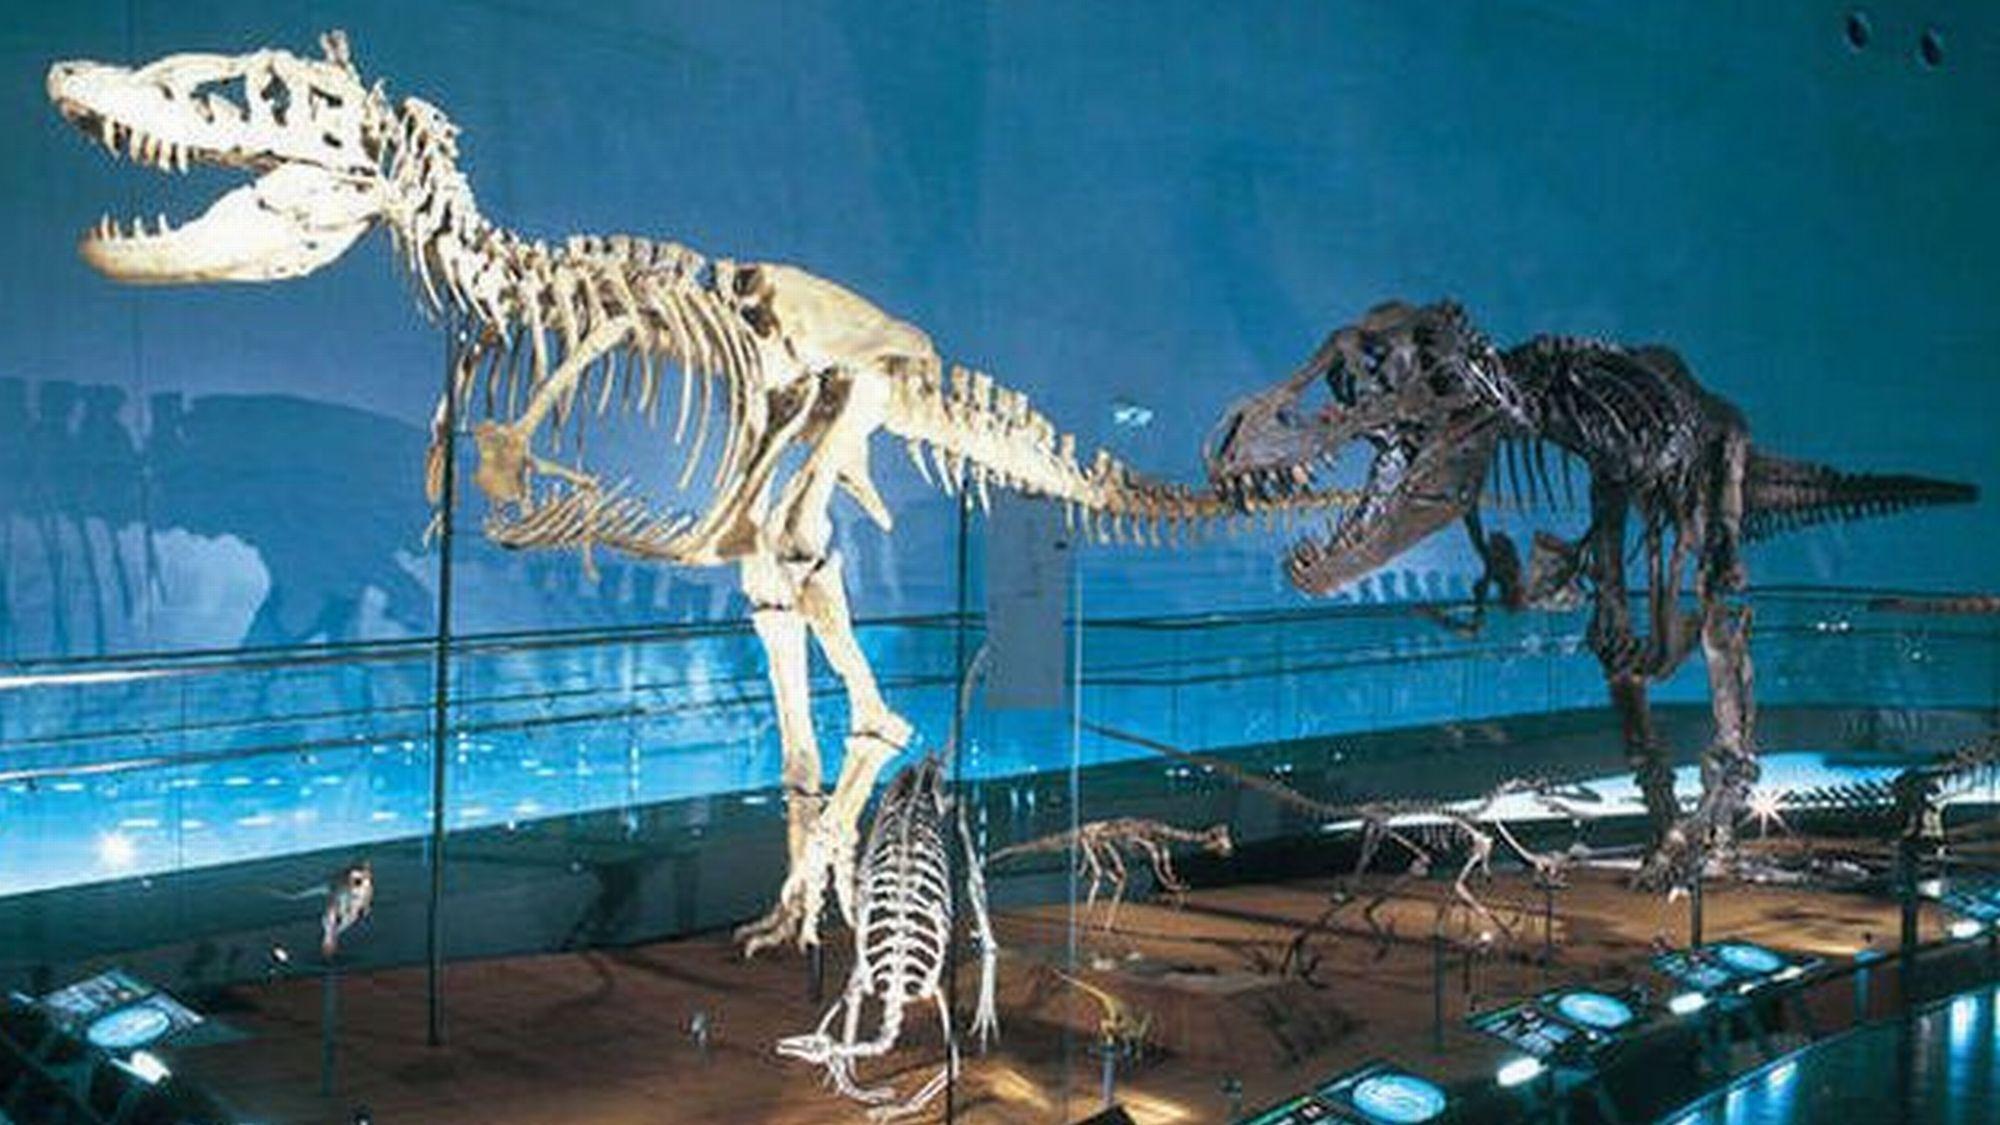 【恐竜博物館】恐竜王国ふくいを象徴する「福井県恐竜博物館」